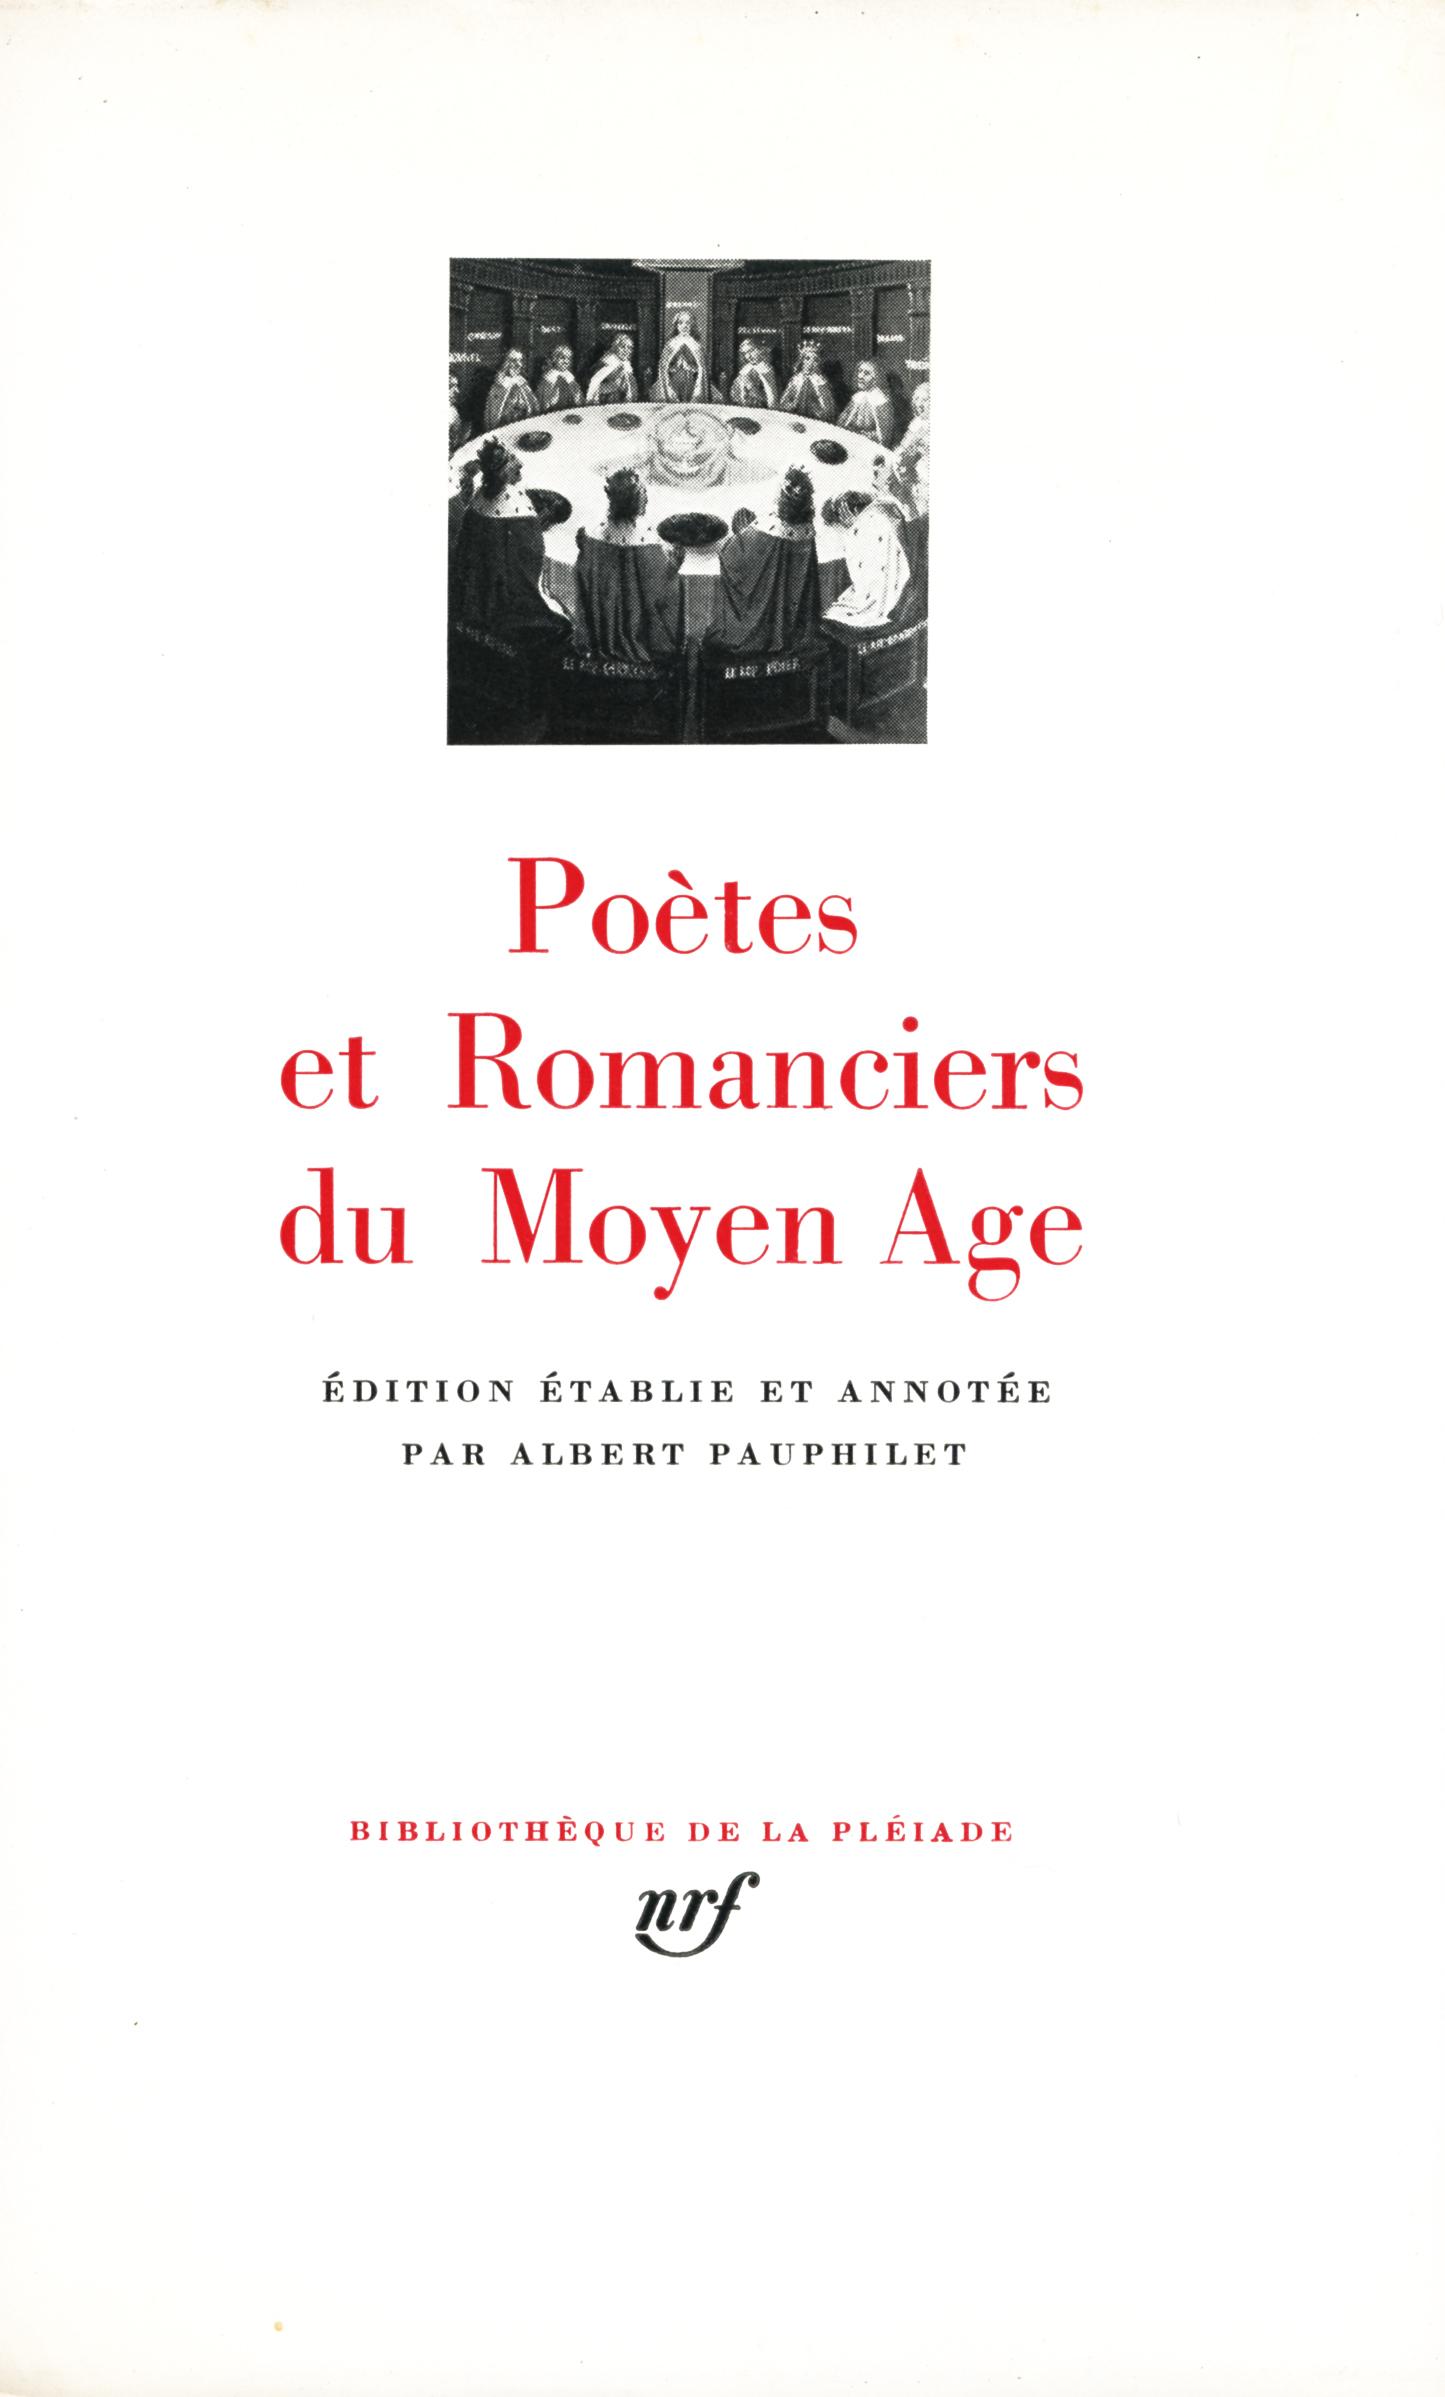 POETES ET ROMANCIERS DU MOYEN AGE